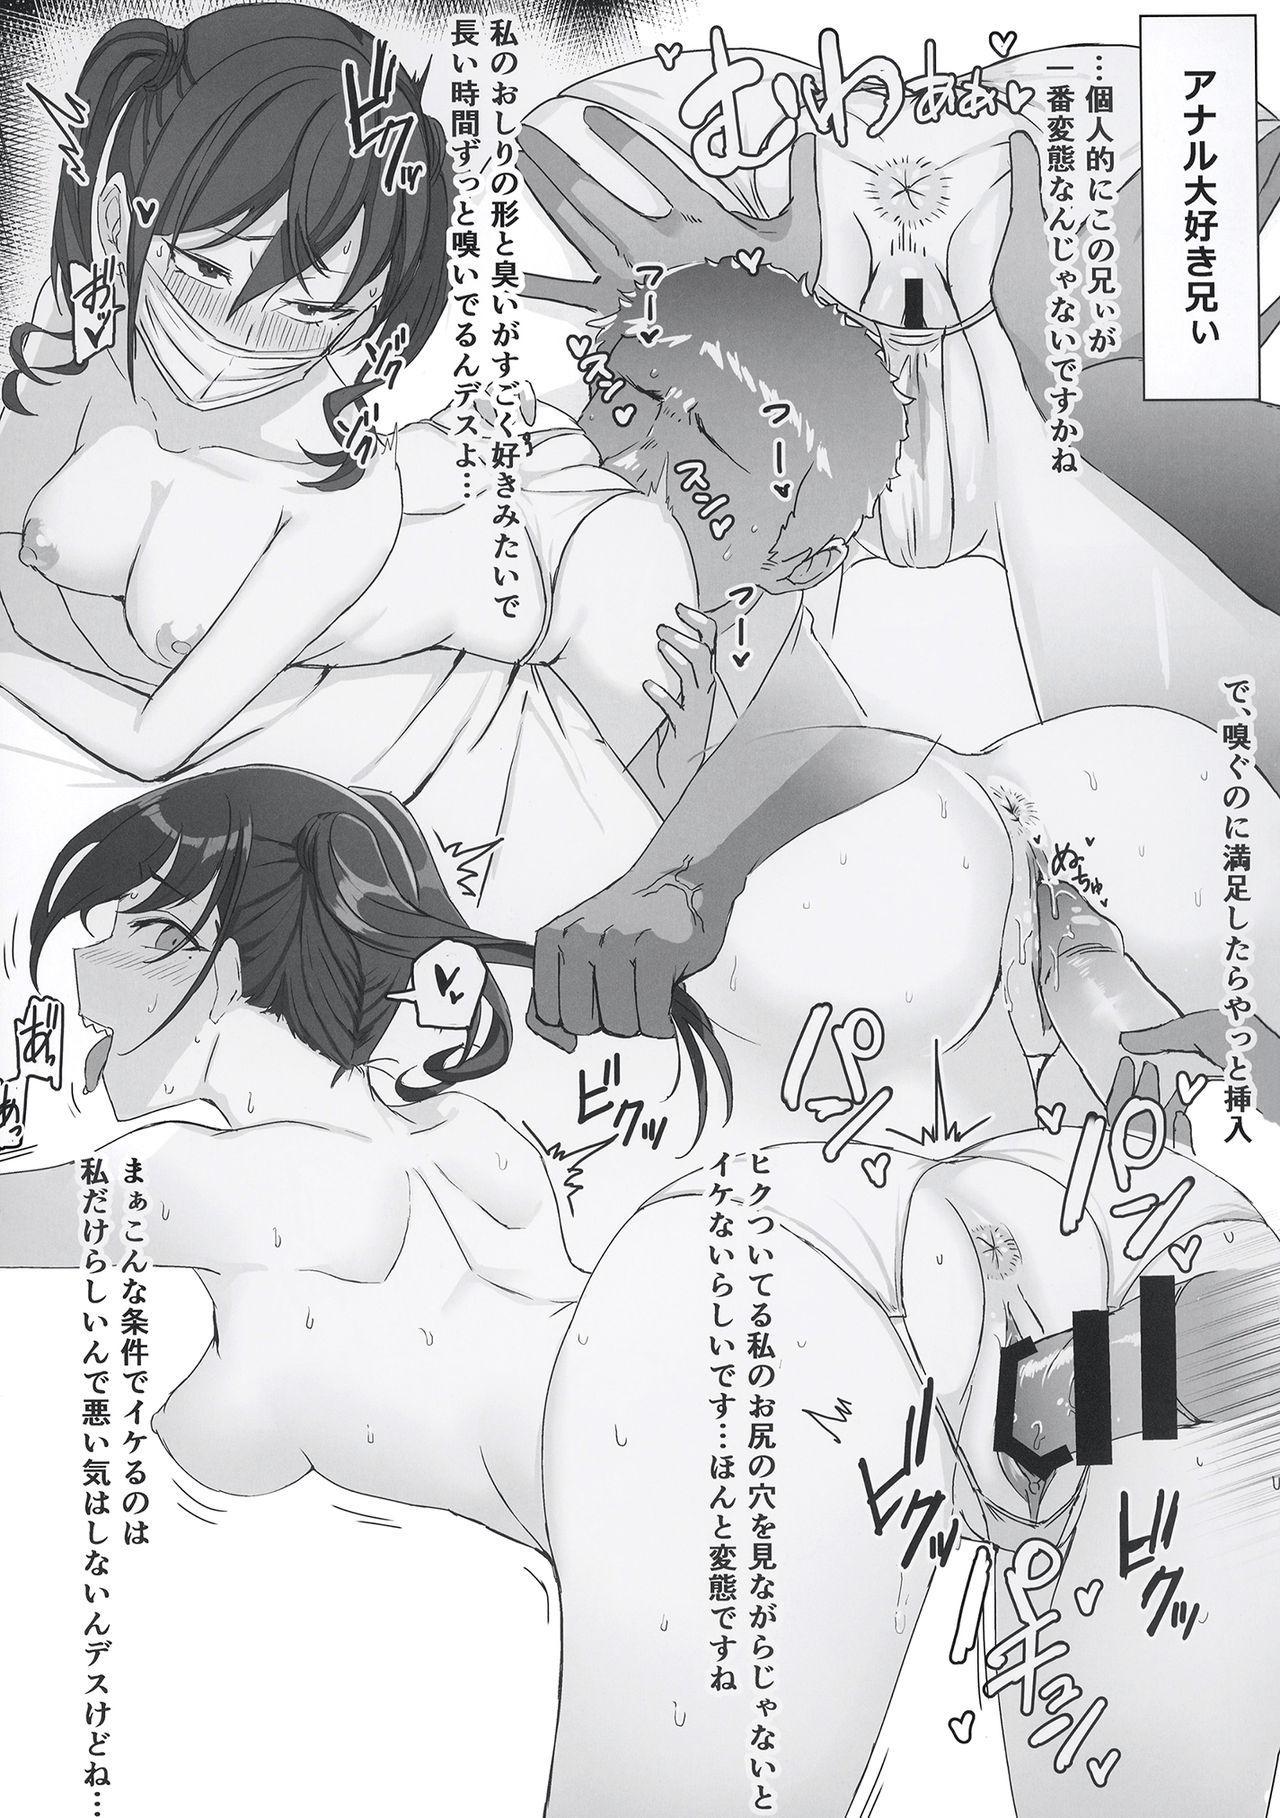 [Desk Work (Ashita)] Enjo Kousai Akira to Anii (Tachi) no Seikatsu Kiroku (THE IDOLM@STER CINDERELLA GIRLS) [Digital] 10